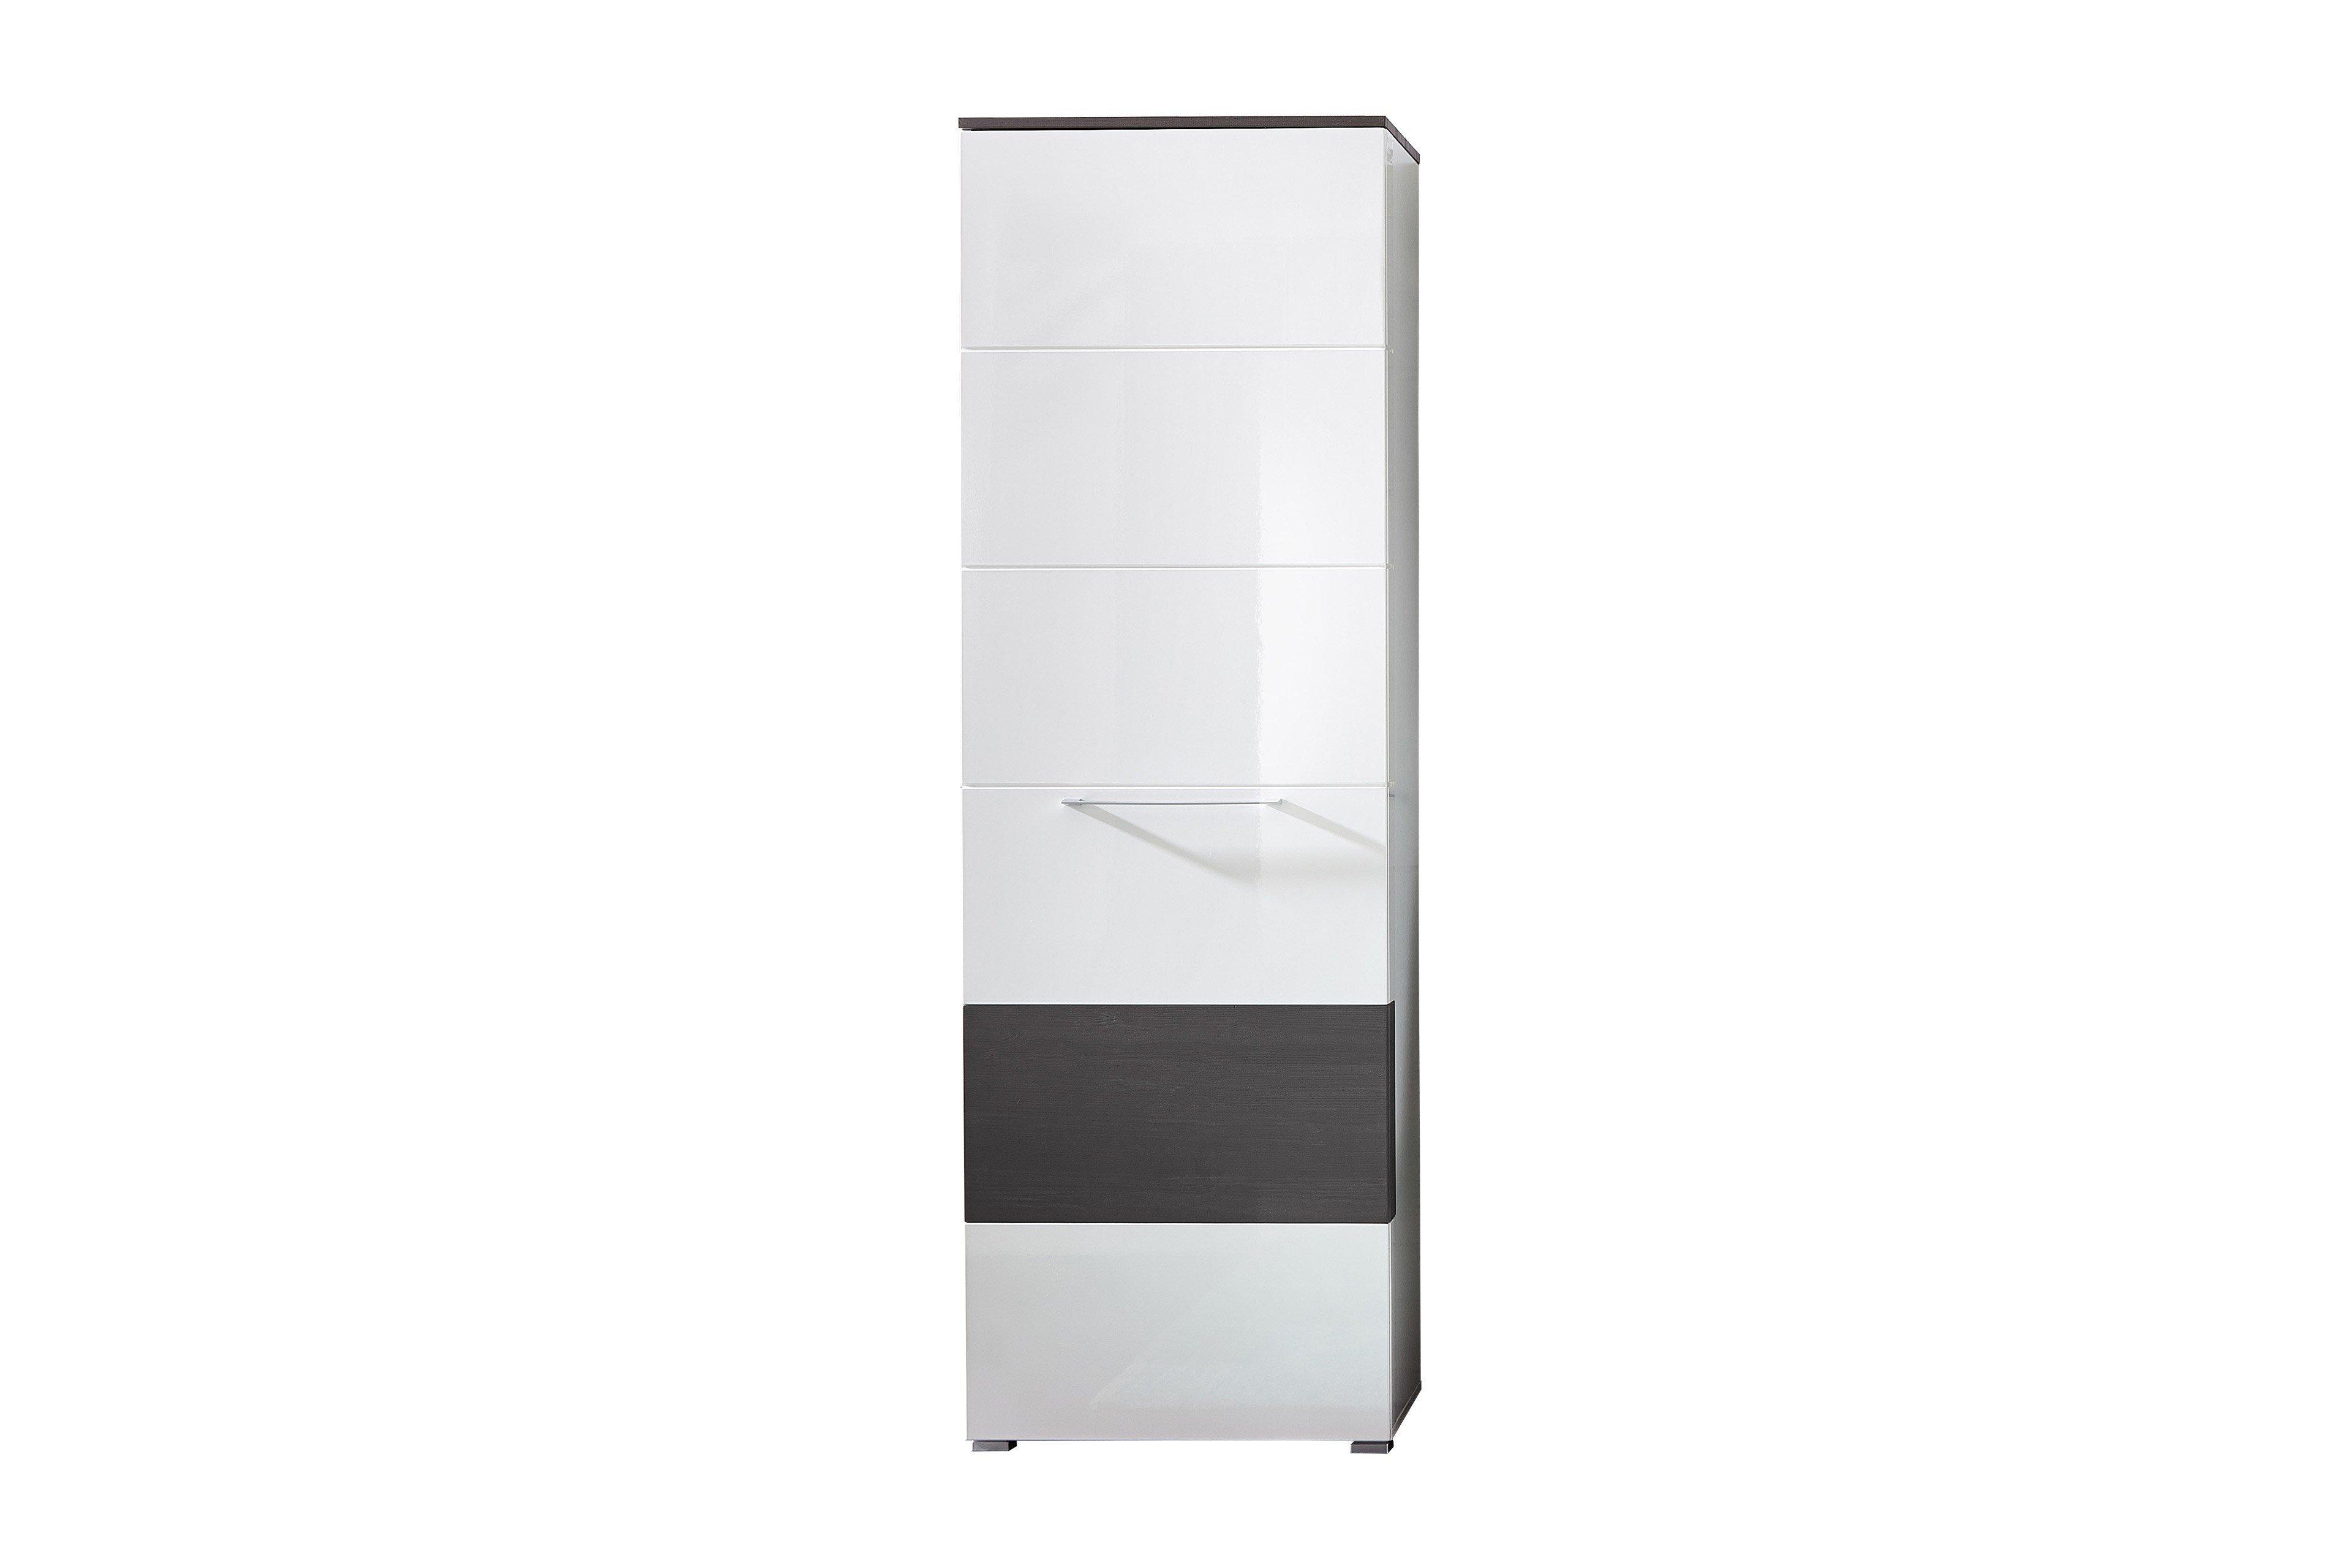 Genial Garderobenschrank Weiß Sammlung Von Reno Von Innostyle - In Weiß Und